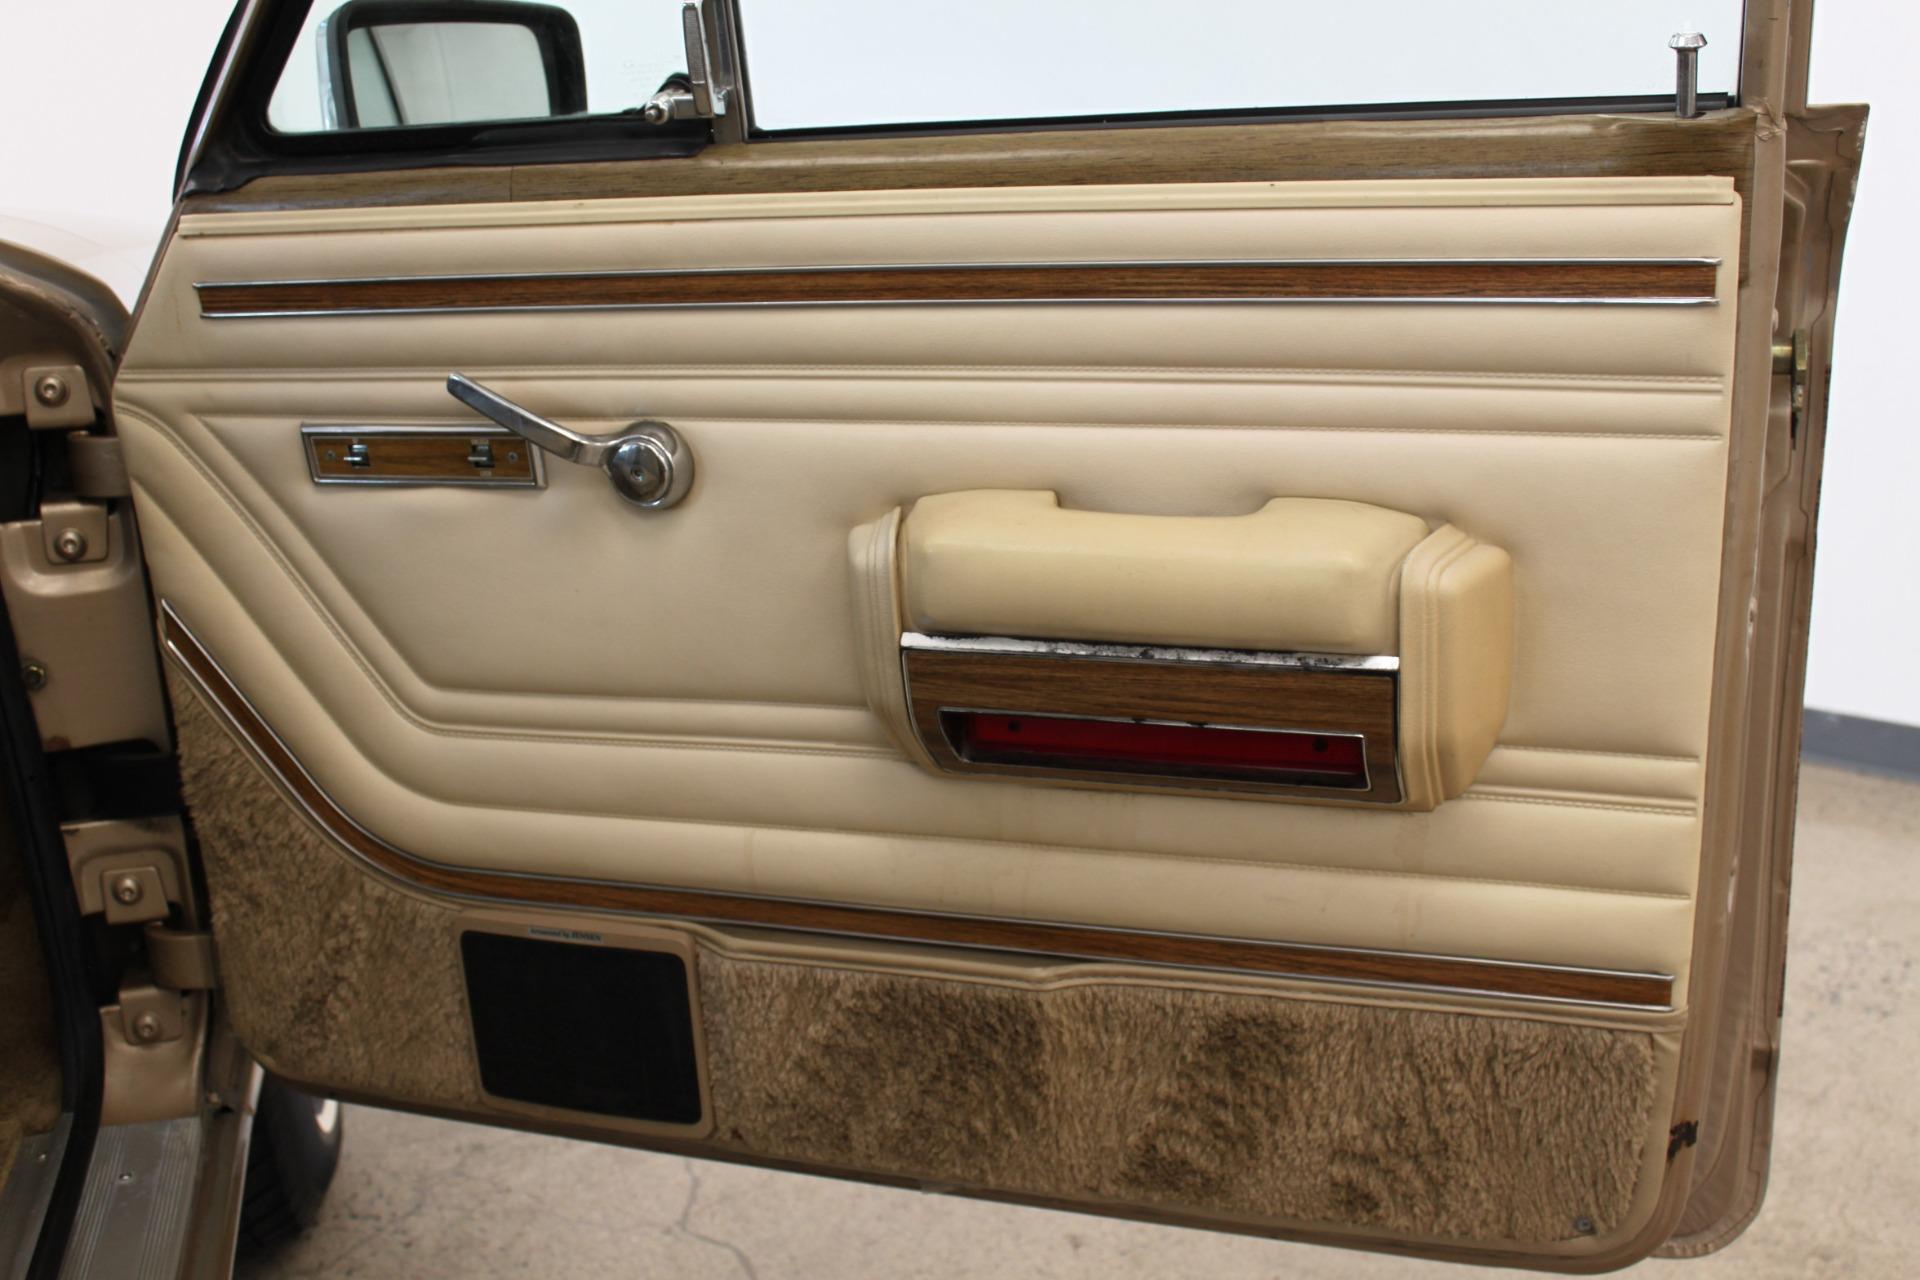 Used-1990-Jeep-Grand-Wagoneer-Alfa-Romeo